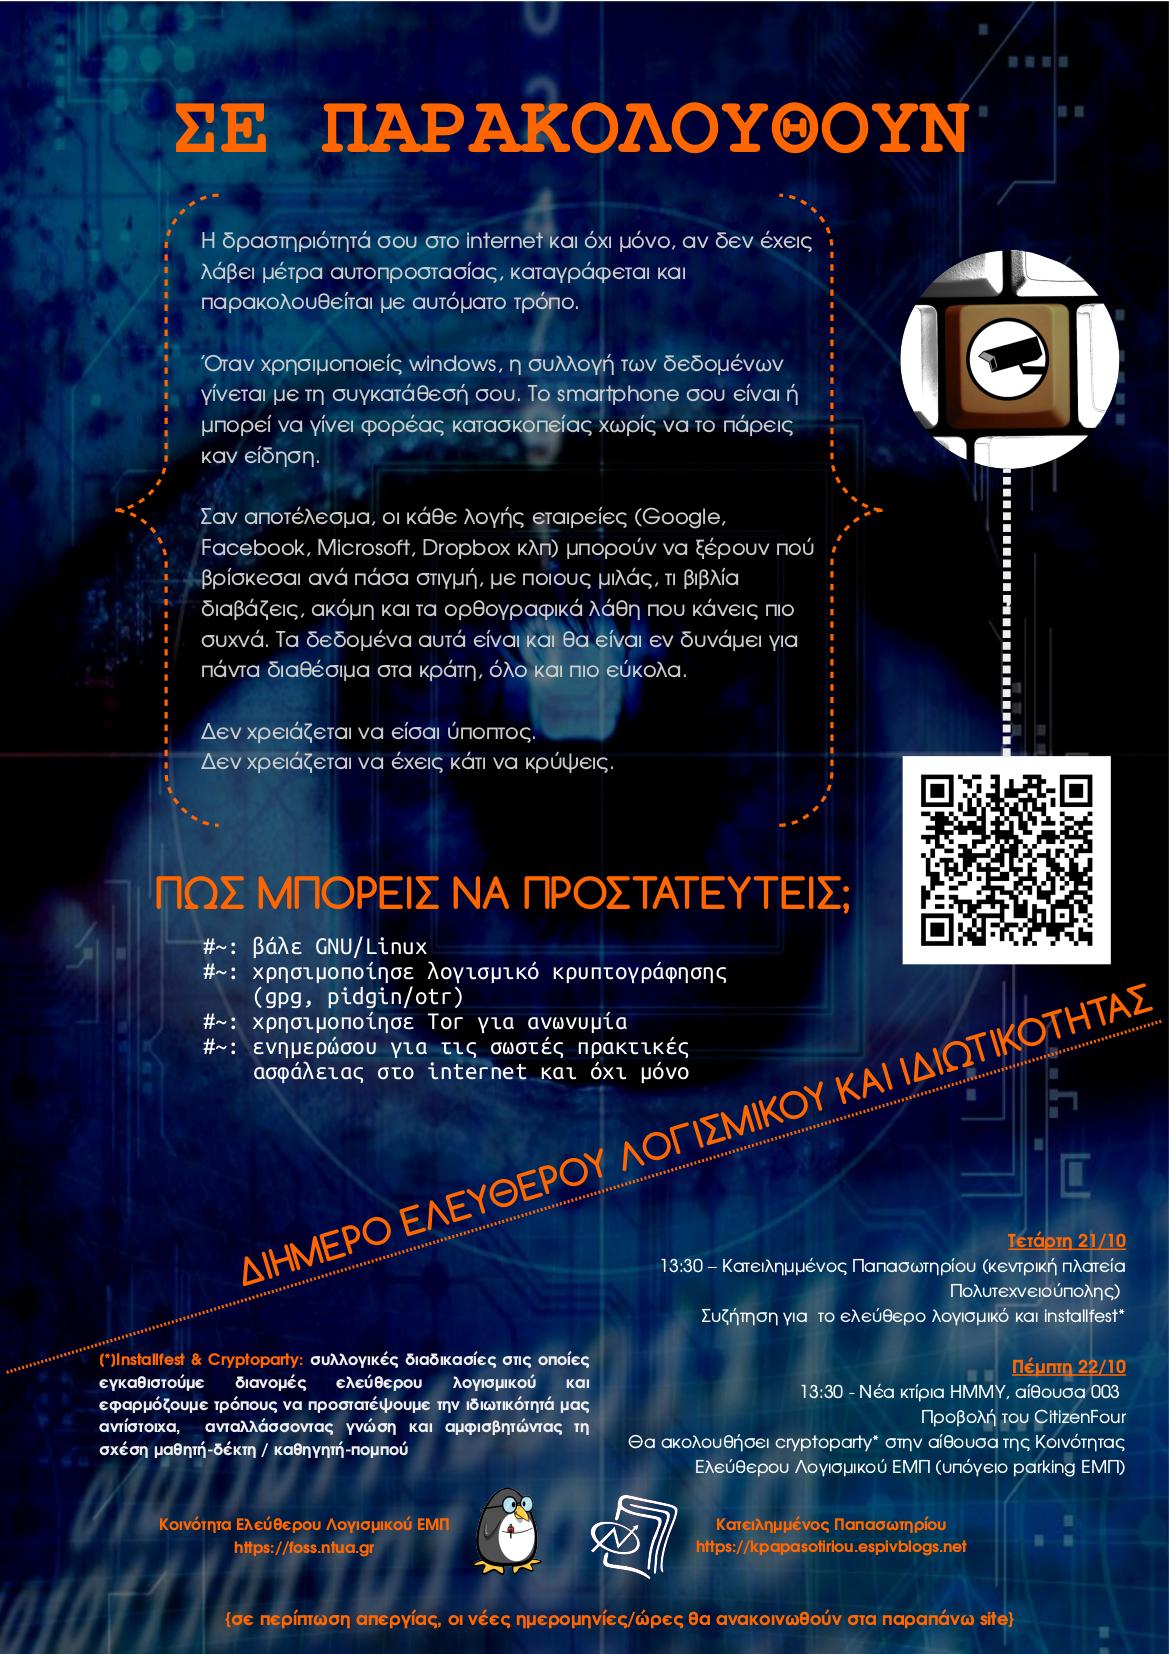 Διήμερο ελεύθερου λογισμικού και ιδιωτικότητας